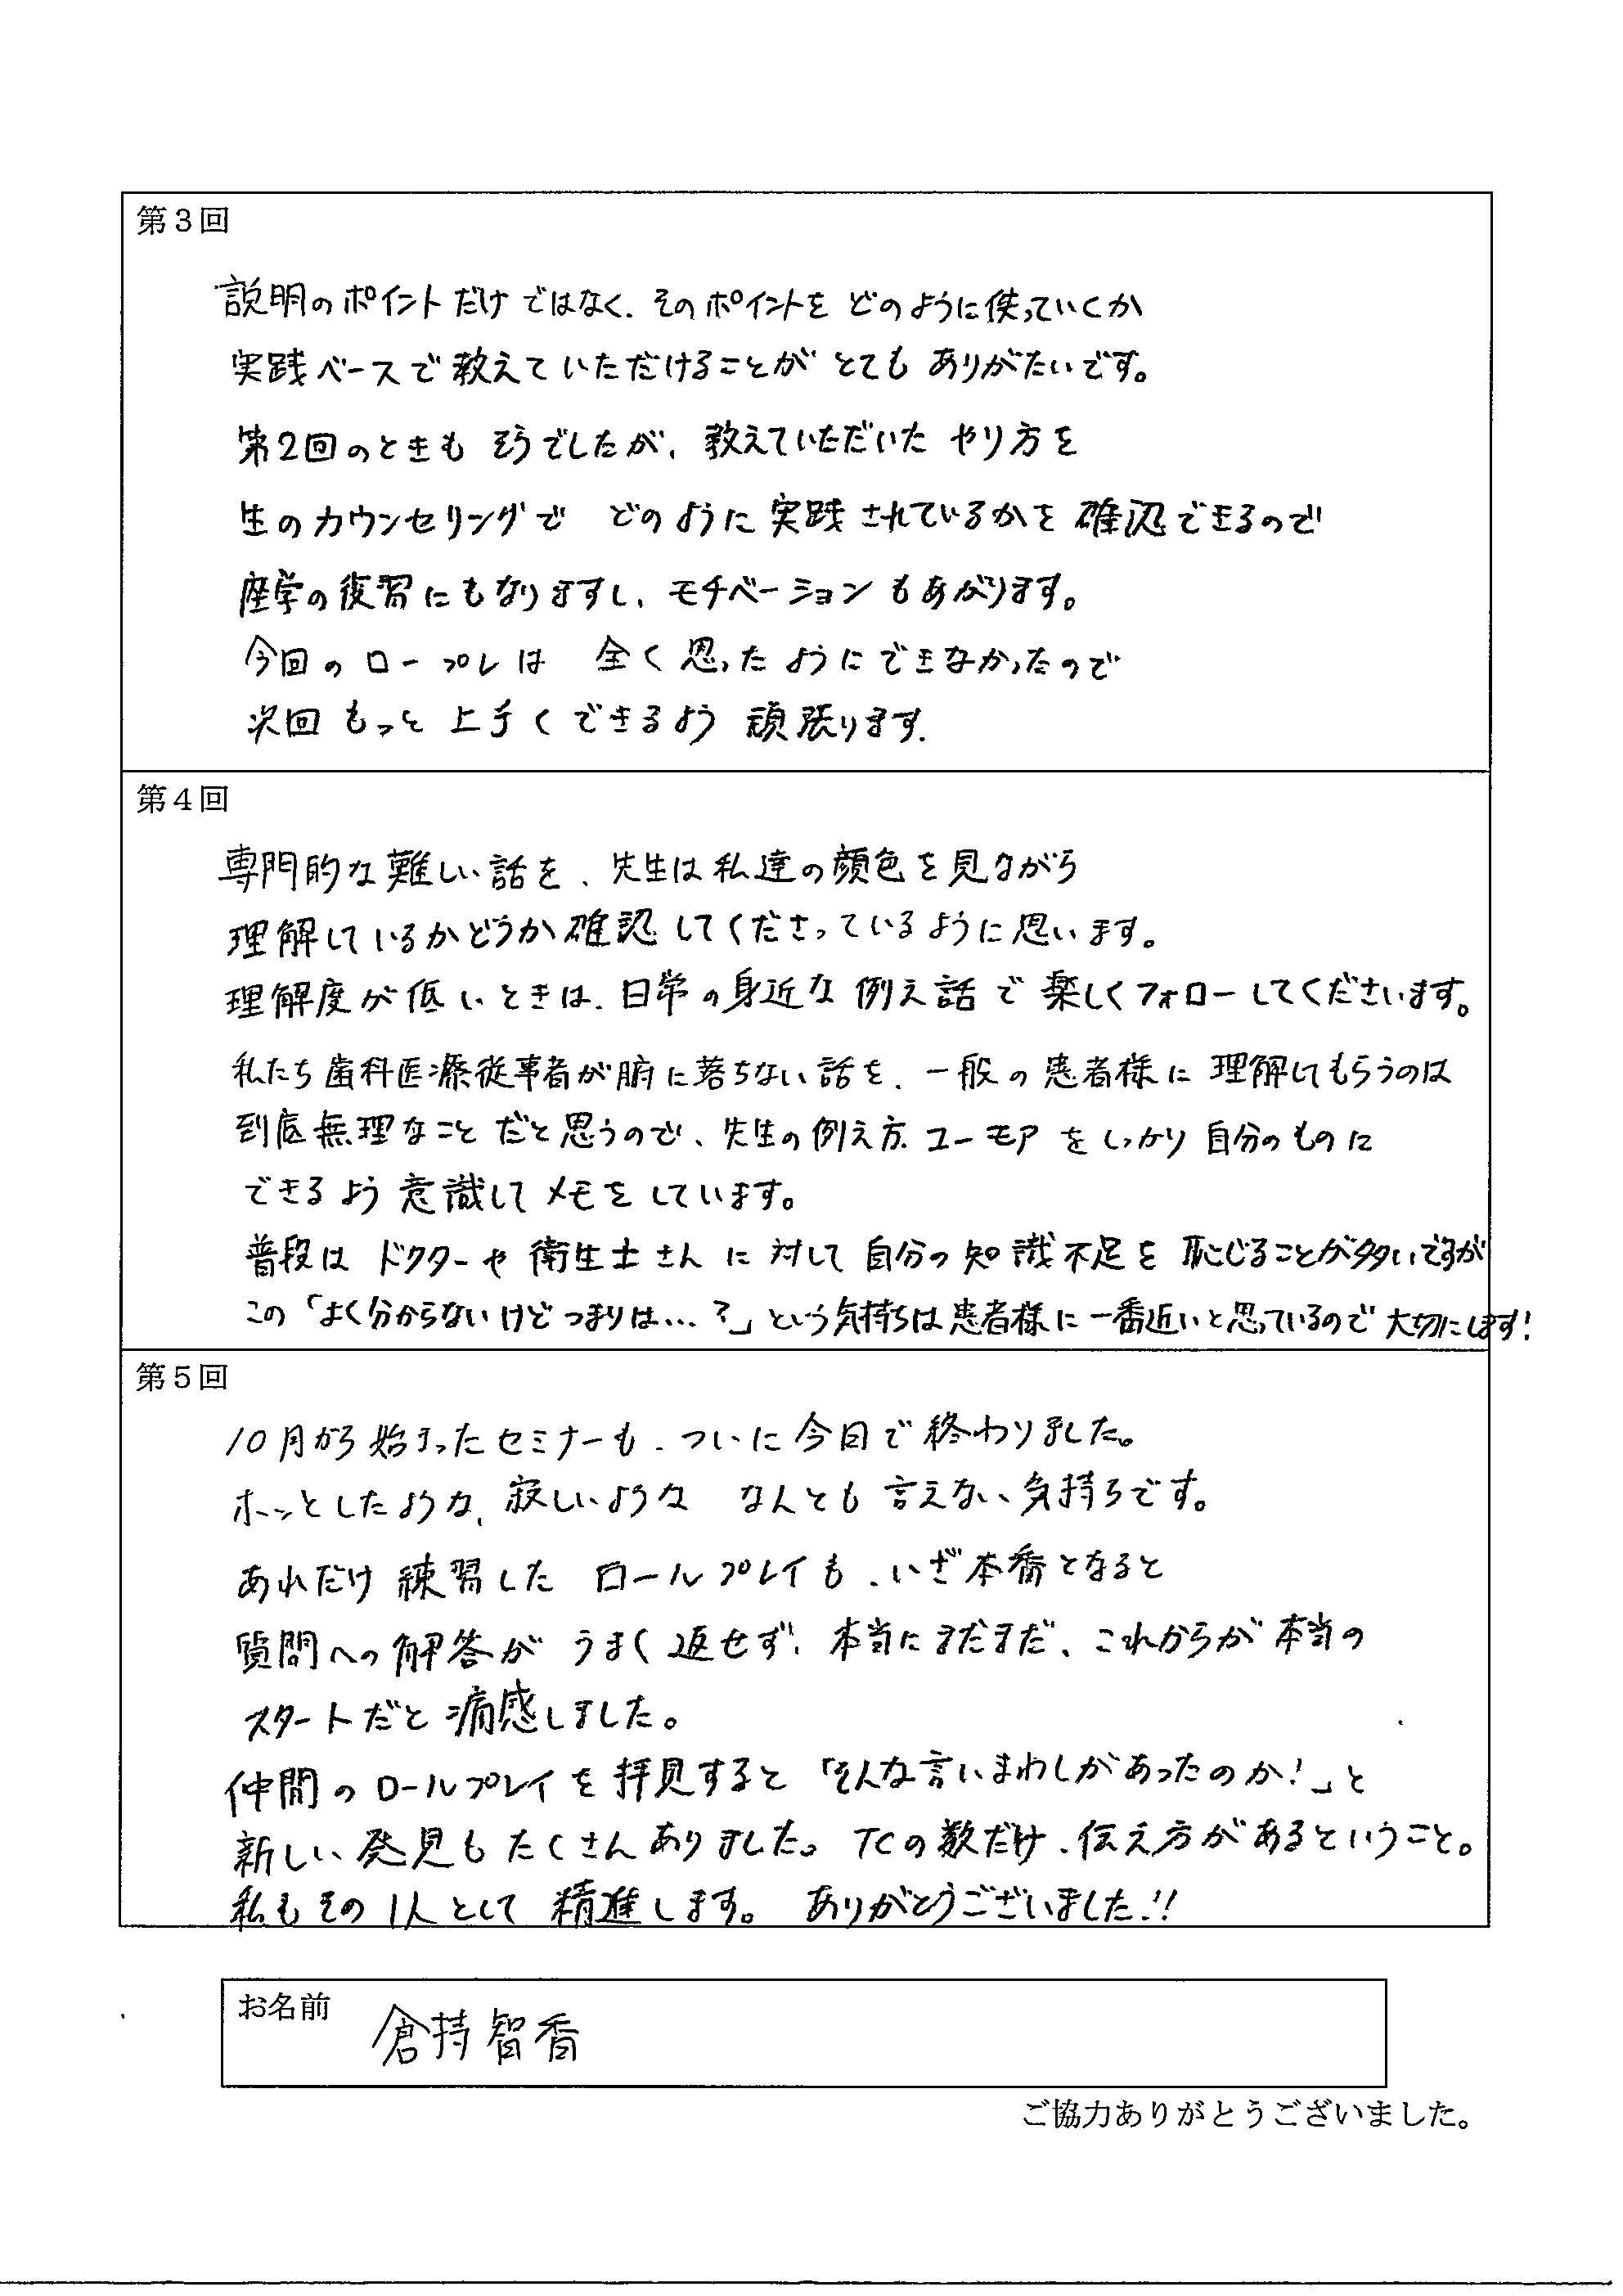 倉持智香 様アンケート